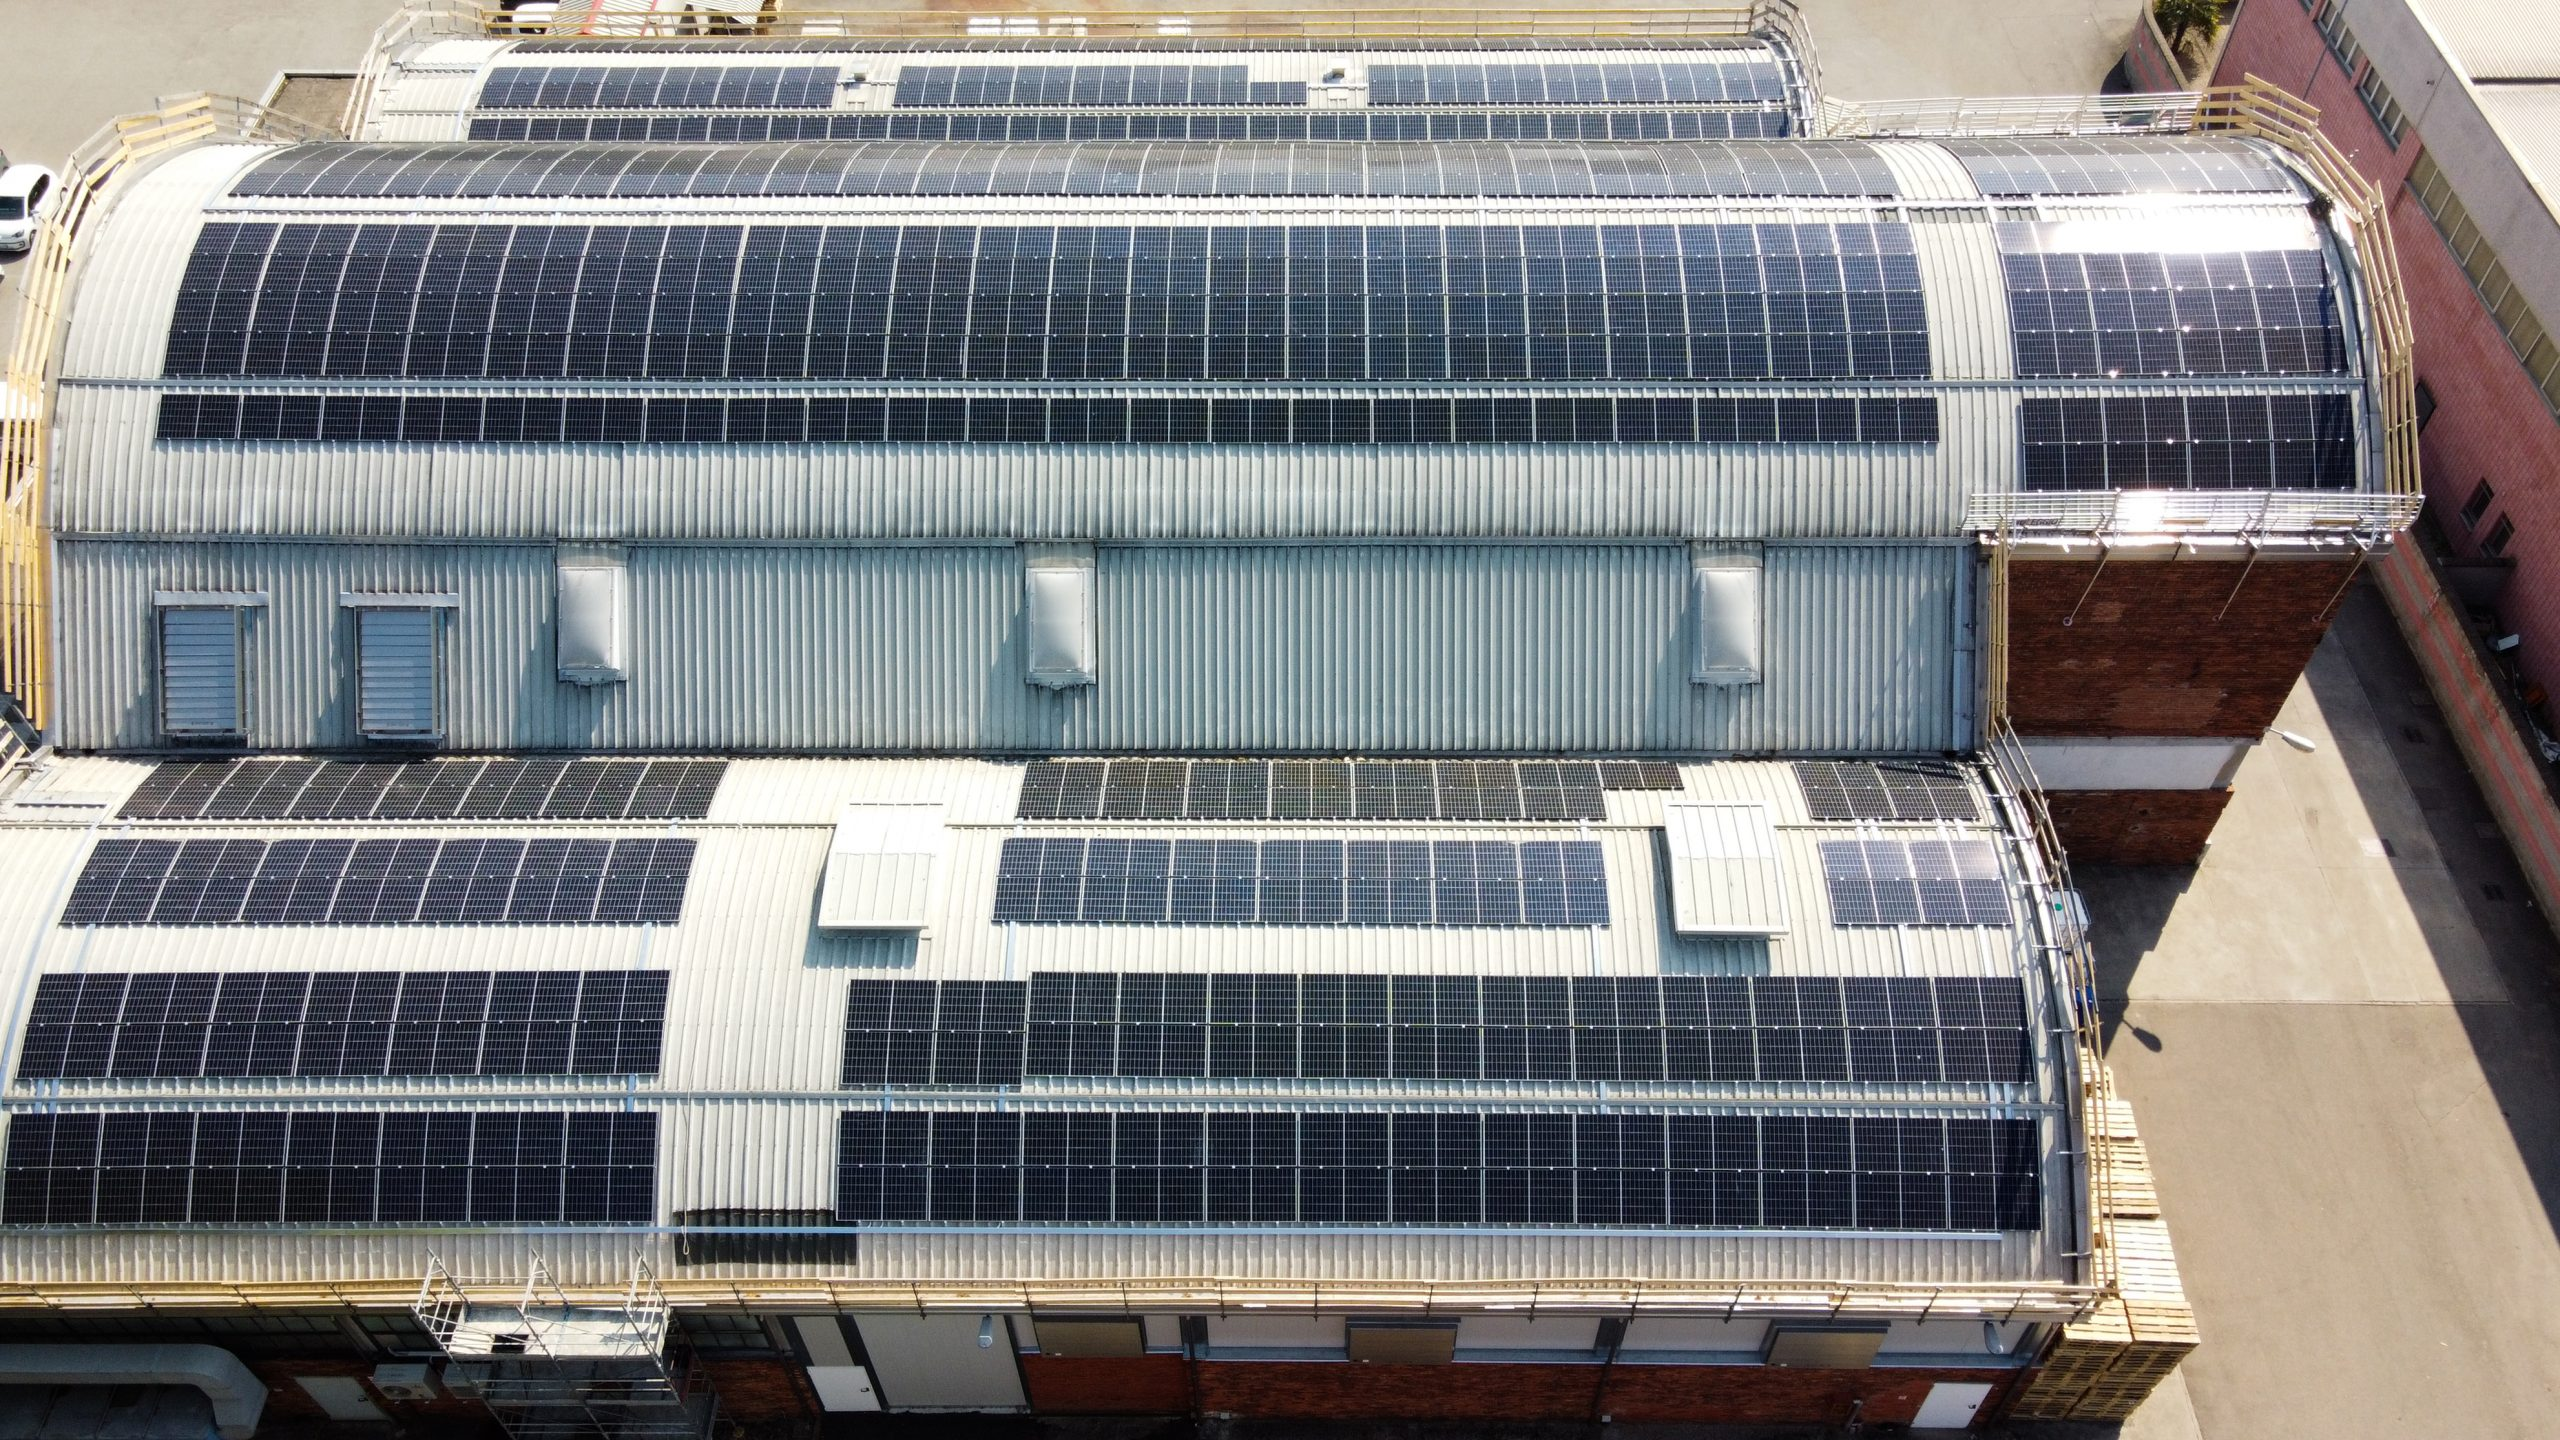 Solarplay Industry: installazione fotovoltaico di 200 kWp su un'azienda in Lombardia con tetti a volta